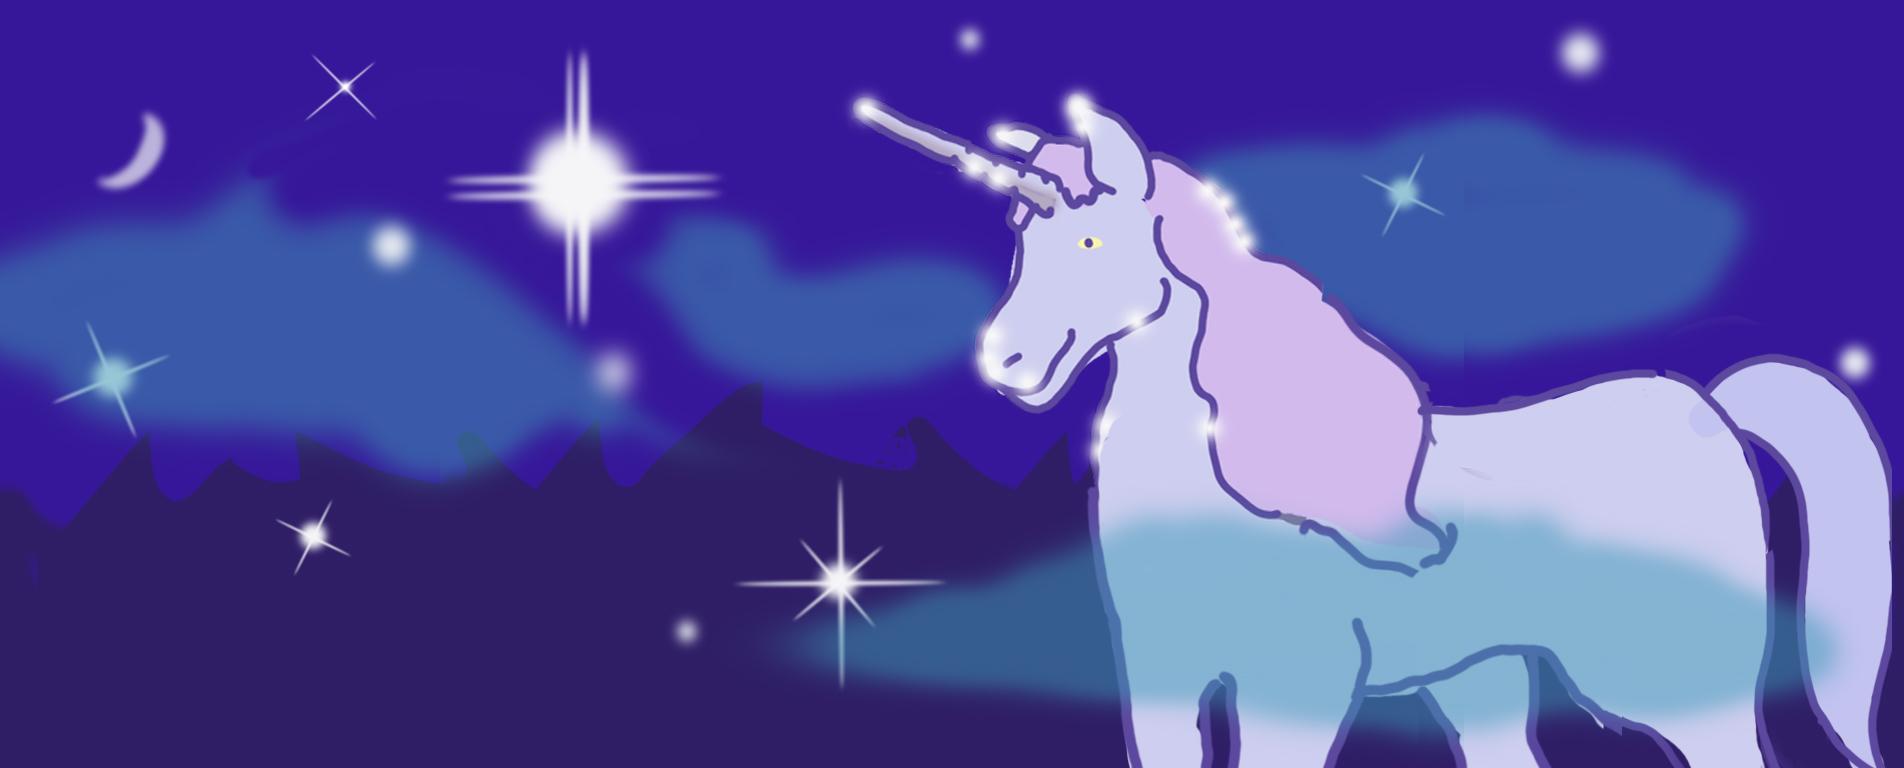 Unicorn by Jane Aaron